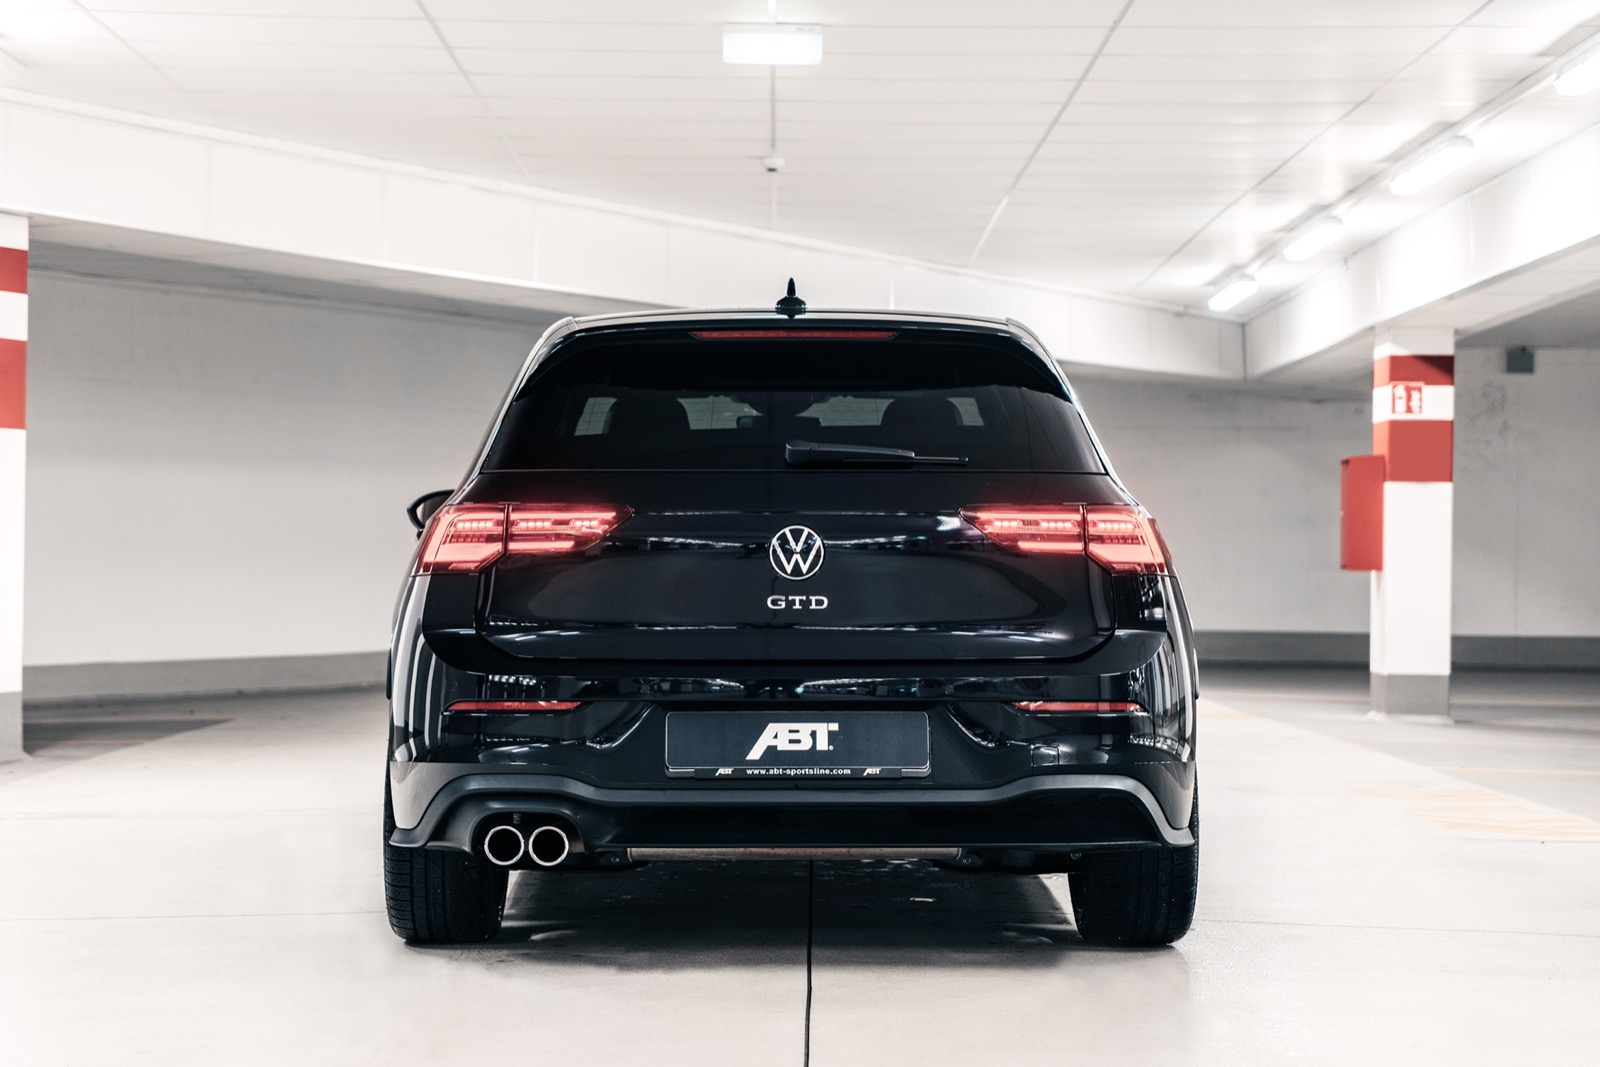 Volkswagen-Golf-GTE-ABT-Sportsline-5